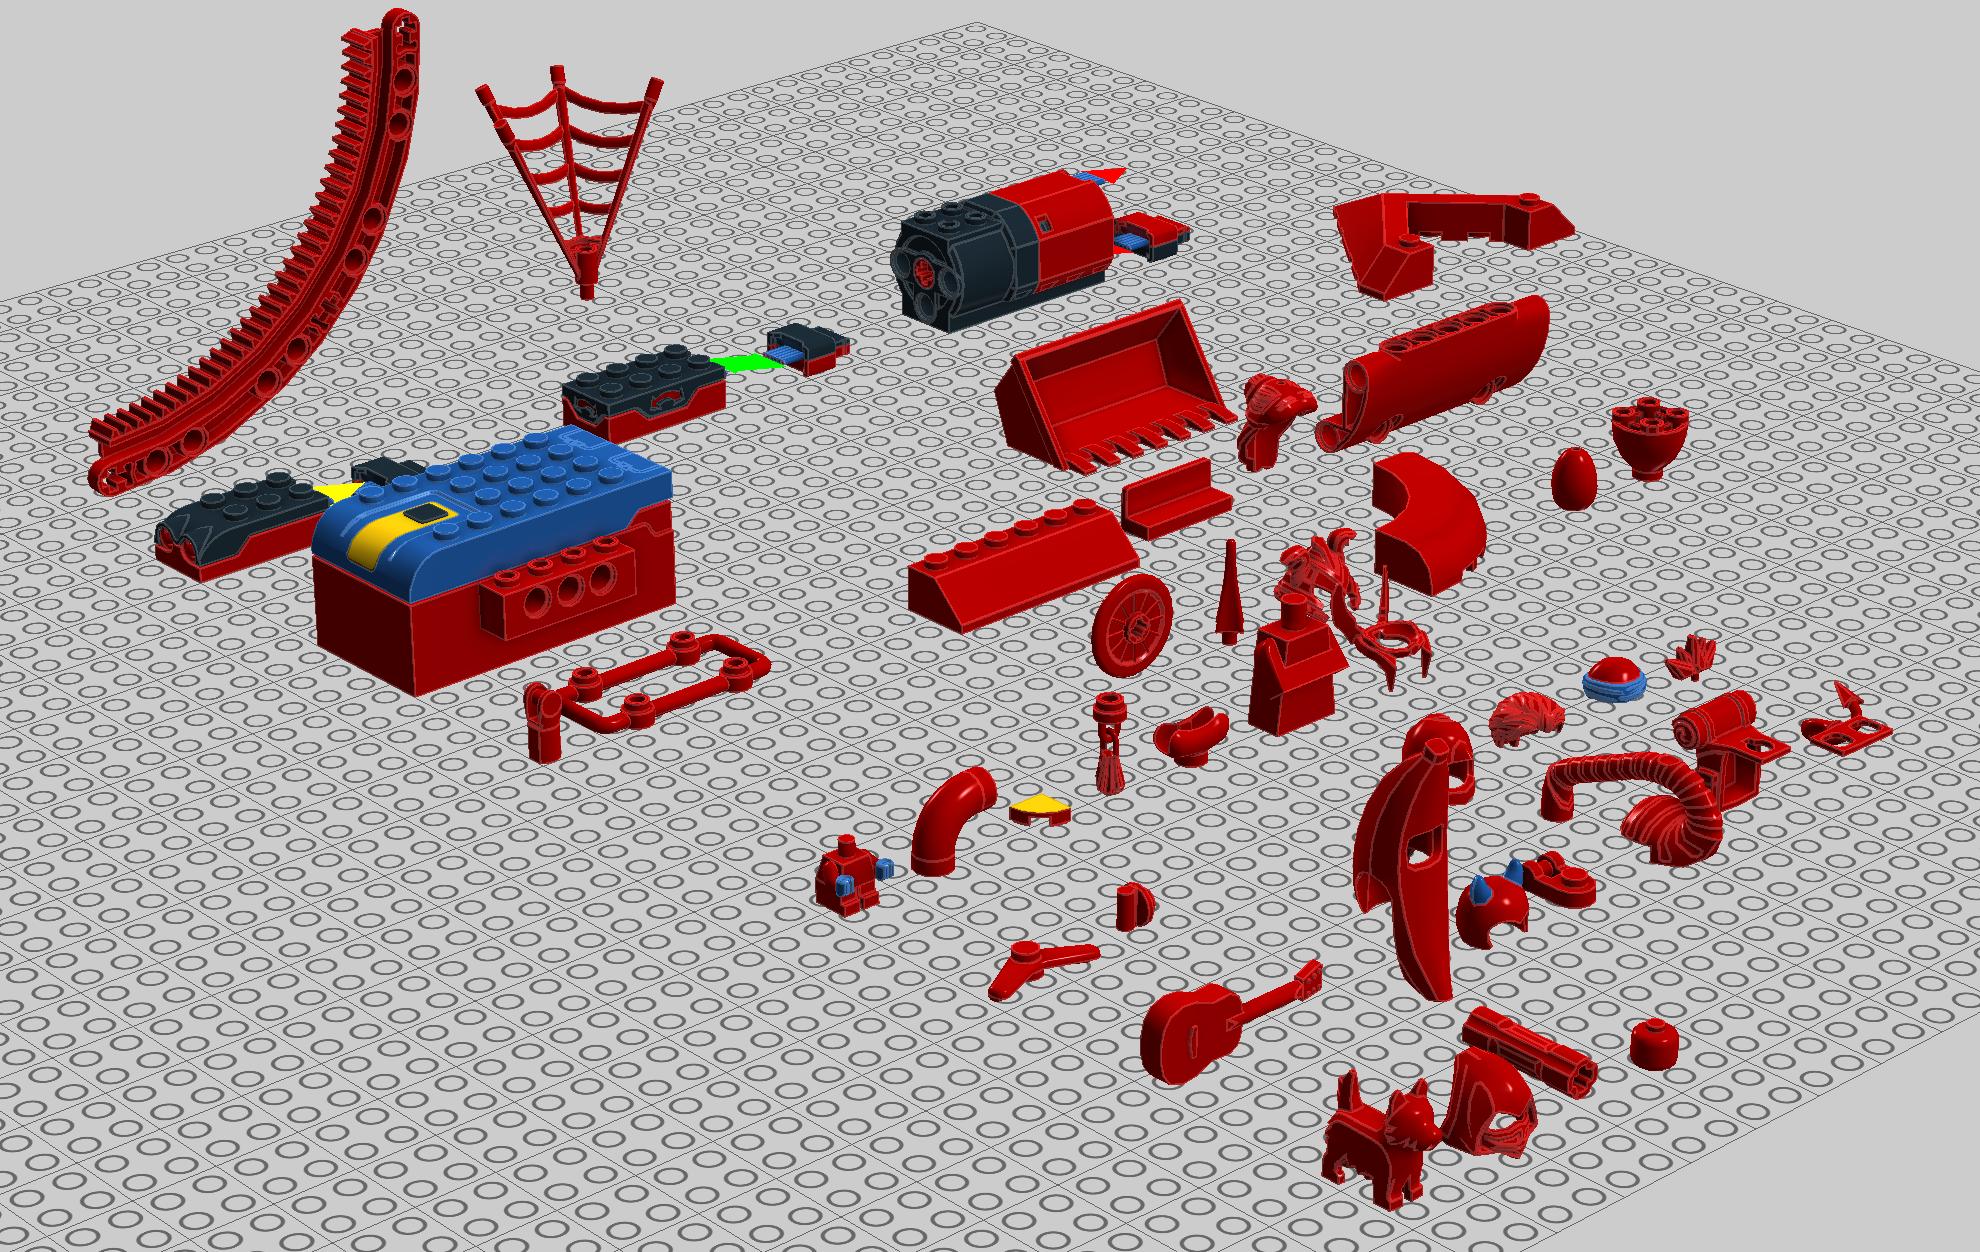 LDD 4 3 10 Update Released - LEGO Digital Designer and other